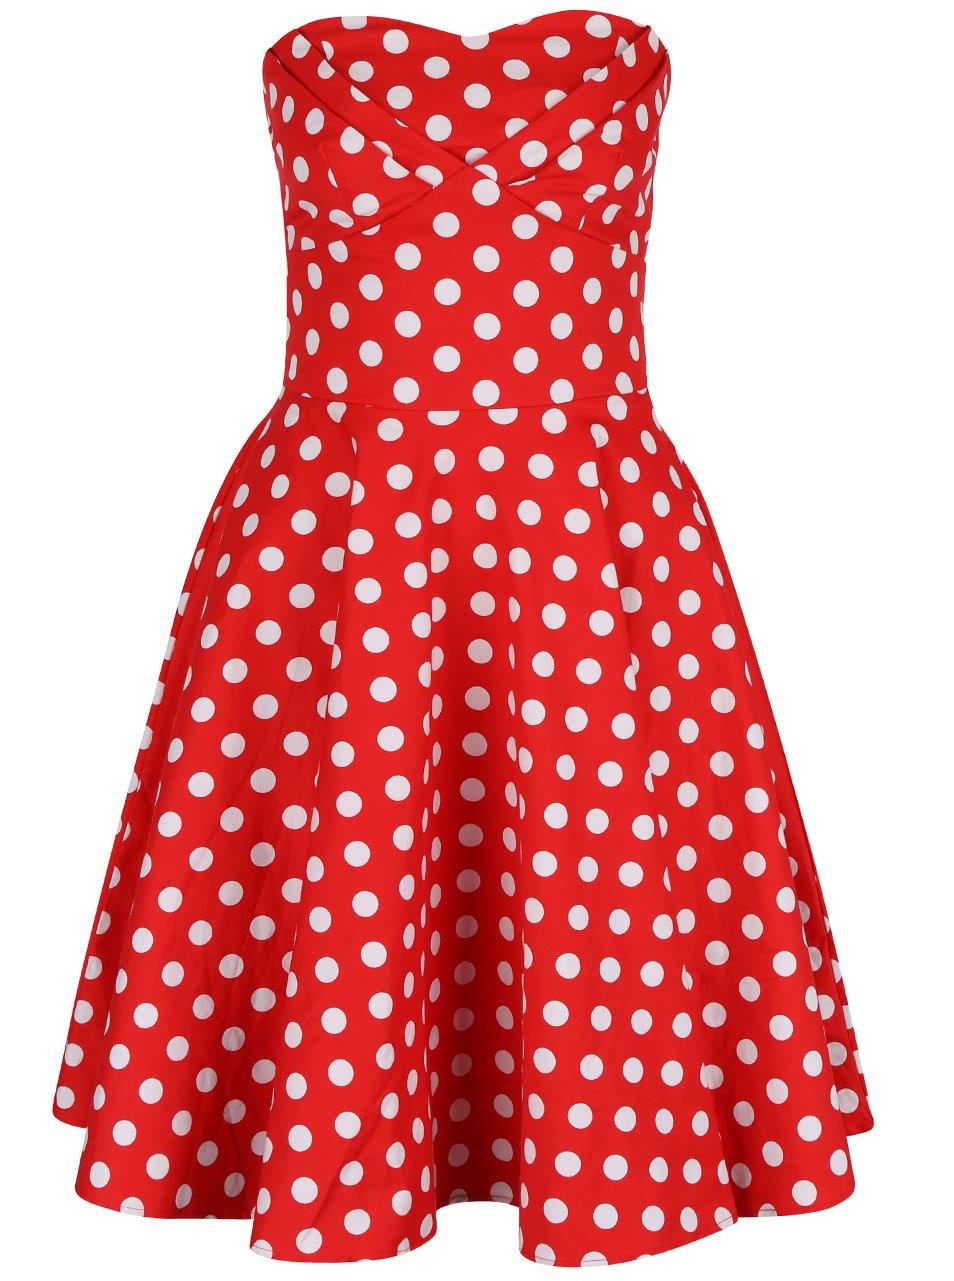 Červené puntíkované šaty bez ramínek Dolly & Dotty Melissa